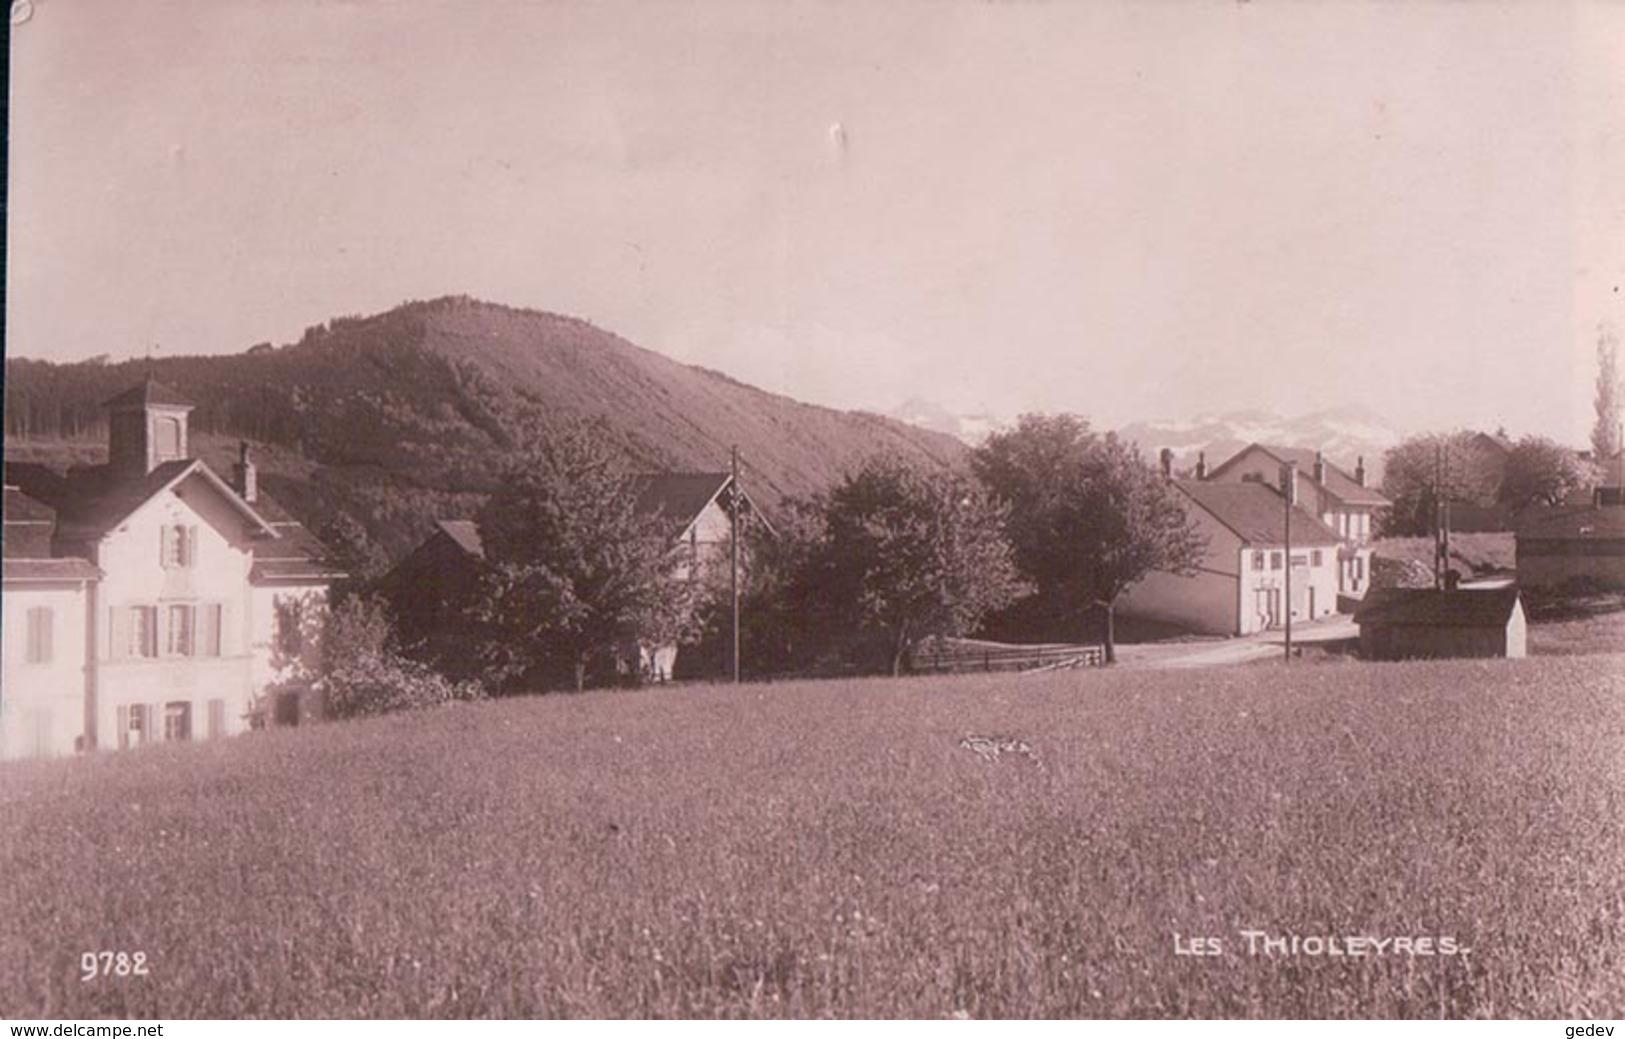 Les Thioleyres VD Commune D'Oron (9782) - VD Vaud